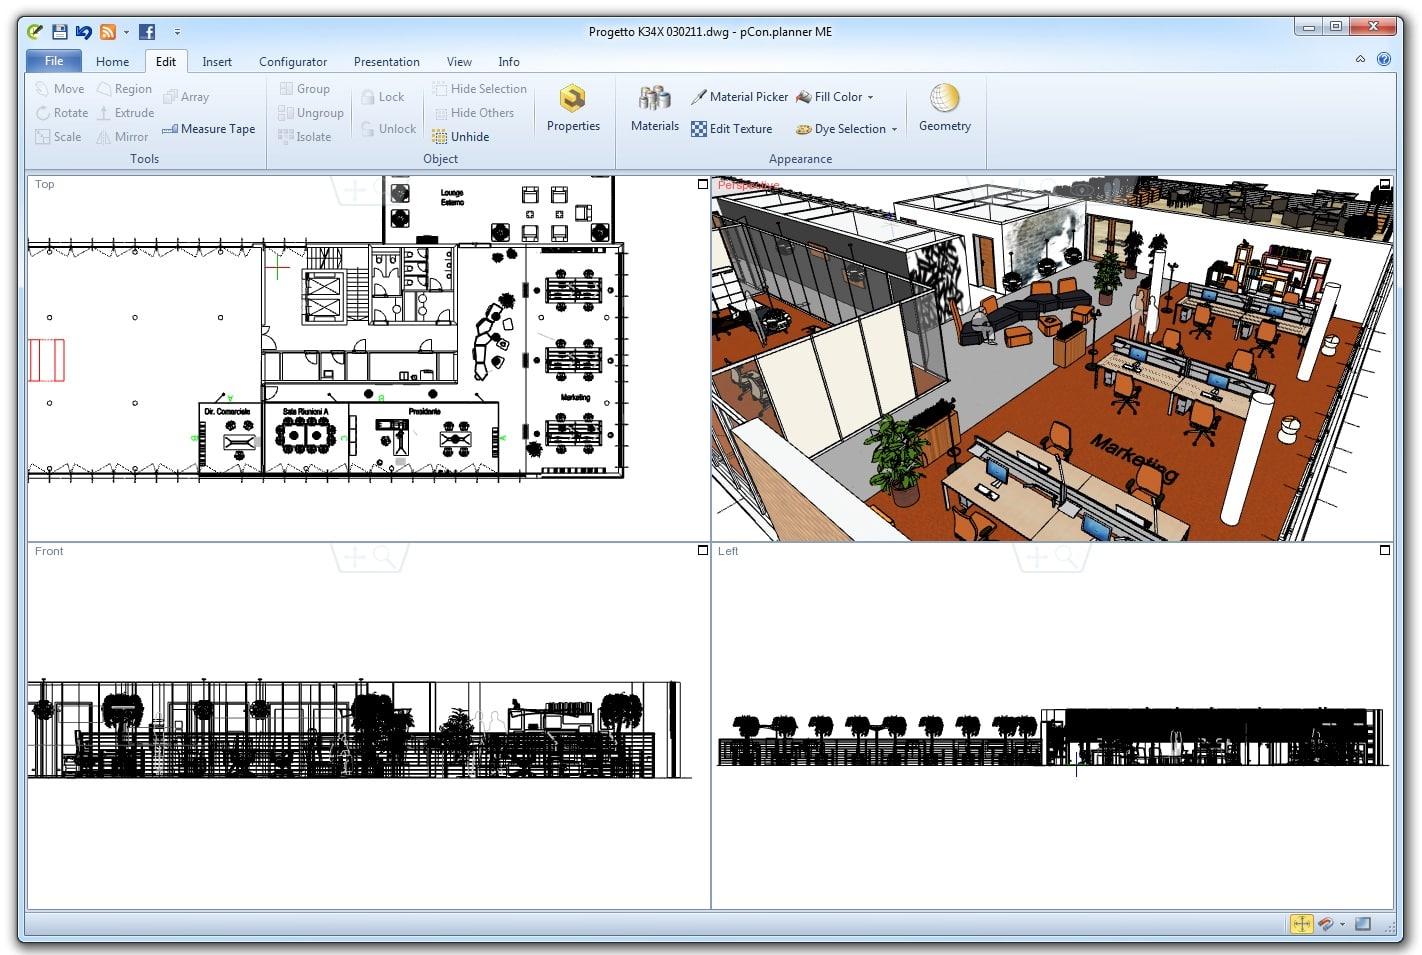 Download for Programmi arredamento 3d gratis ikea